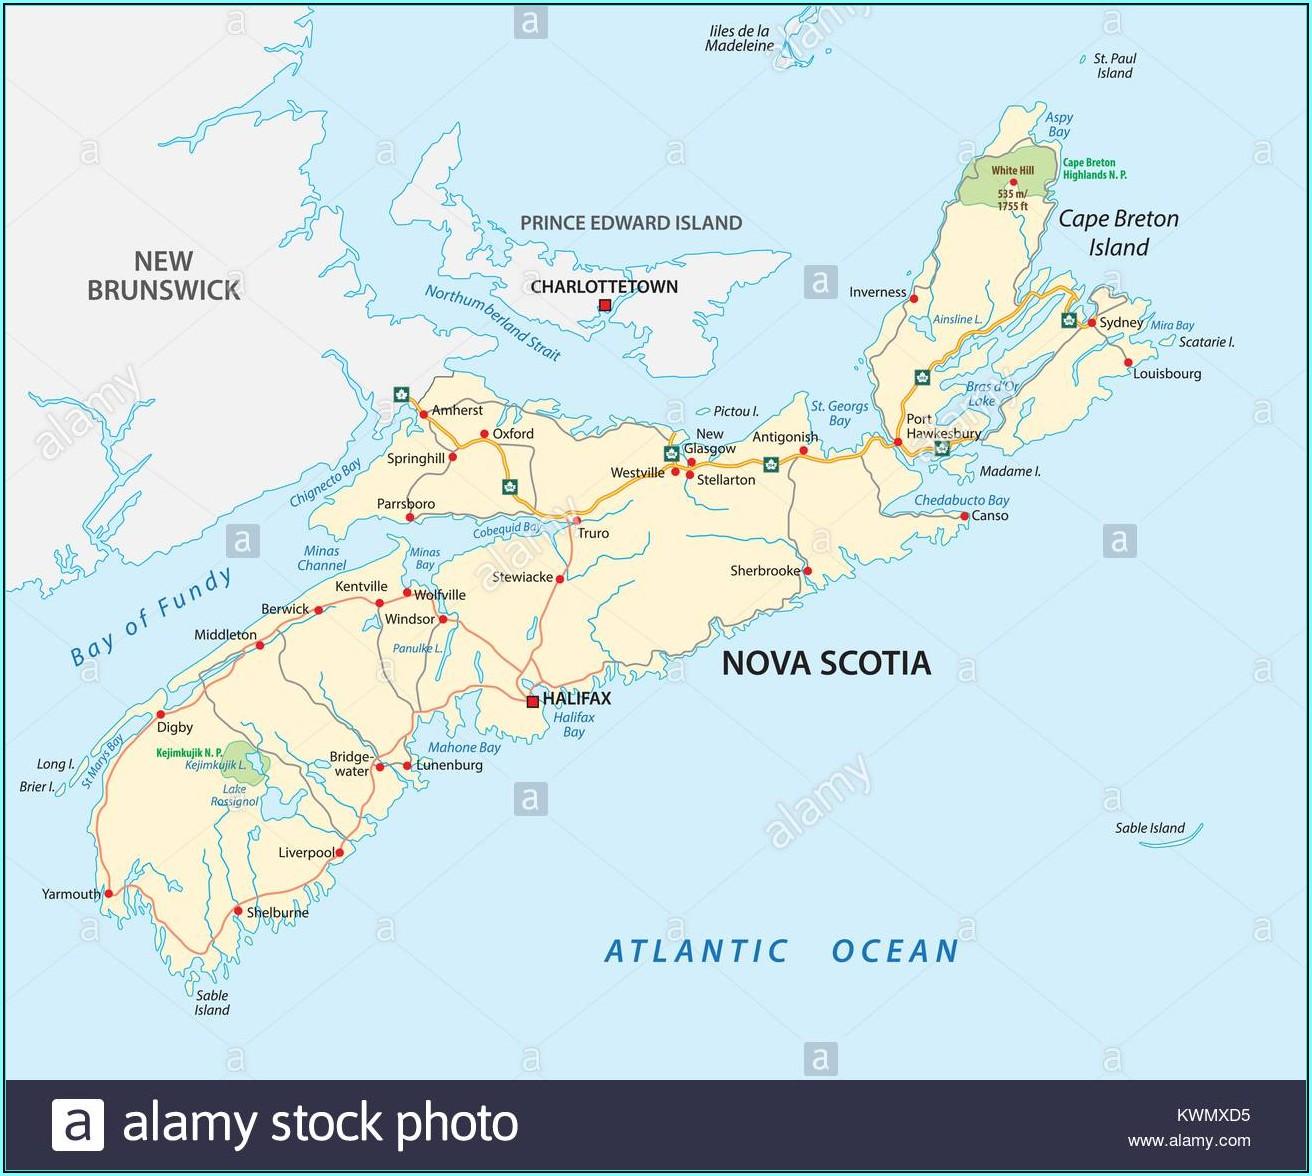 Driving Map Of Nova Scotia And Pei